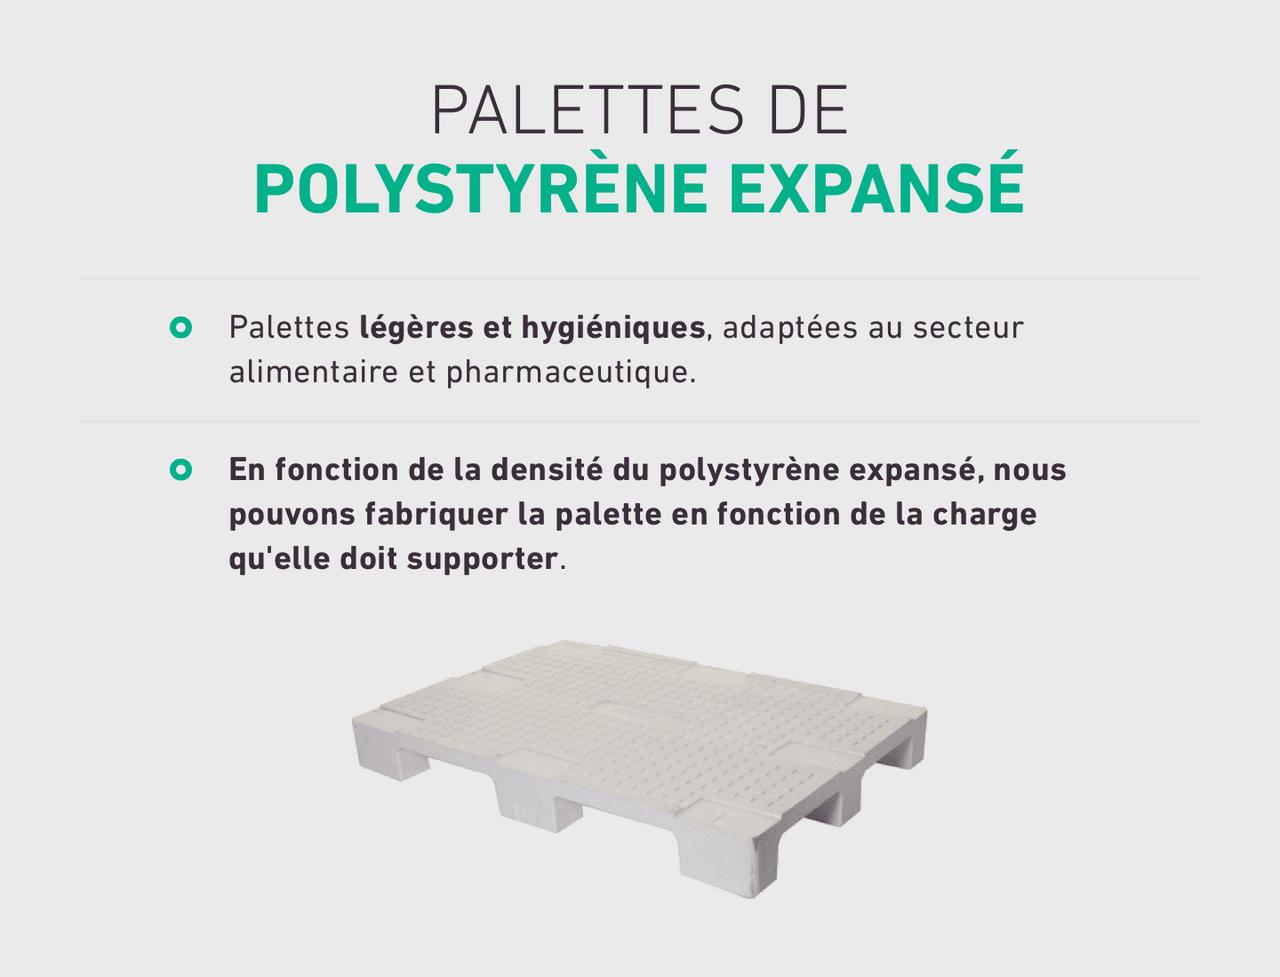 Palettes légères et hygiéniques, adaptées au secteur alimentaire et pharmaceutique. En fonction de la densité du polystyrène expansé, nous pouvons fabriquer la palette en fonction de la charge qu'elle doit supporter.